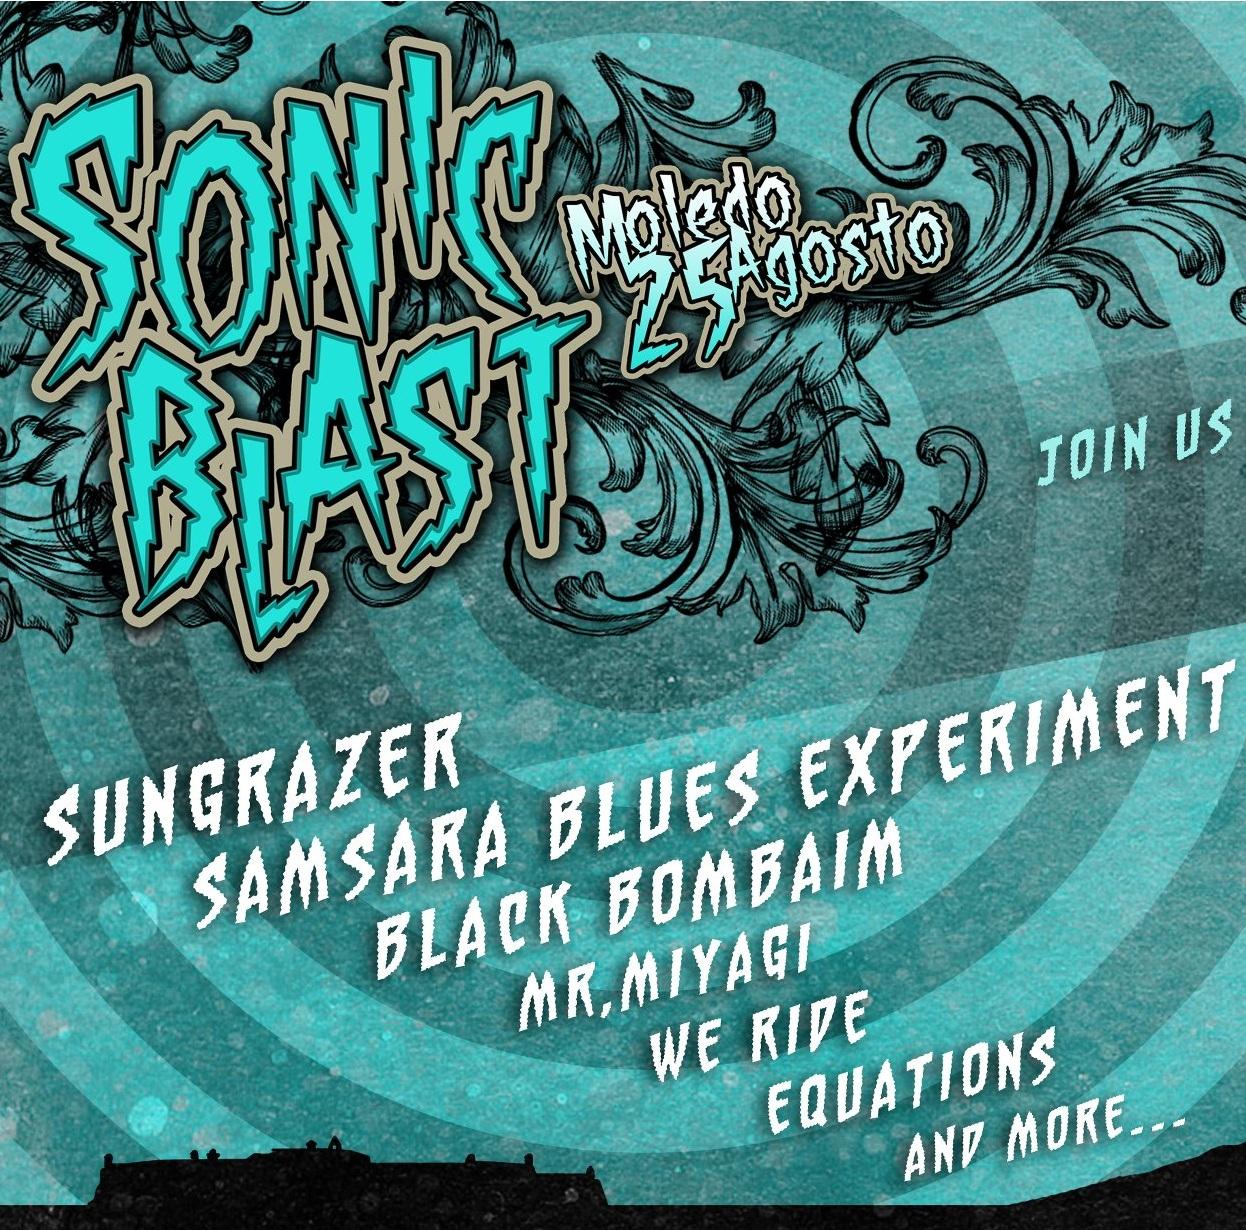 SonicBlast Moledo 2012